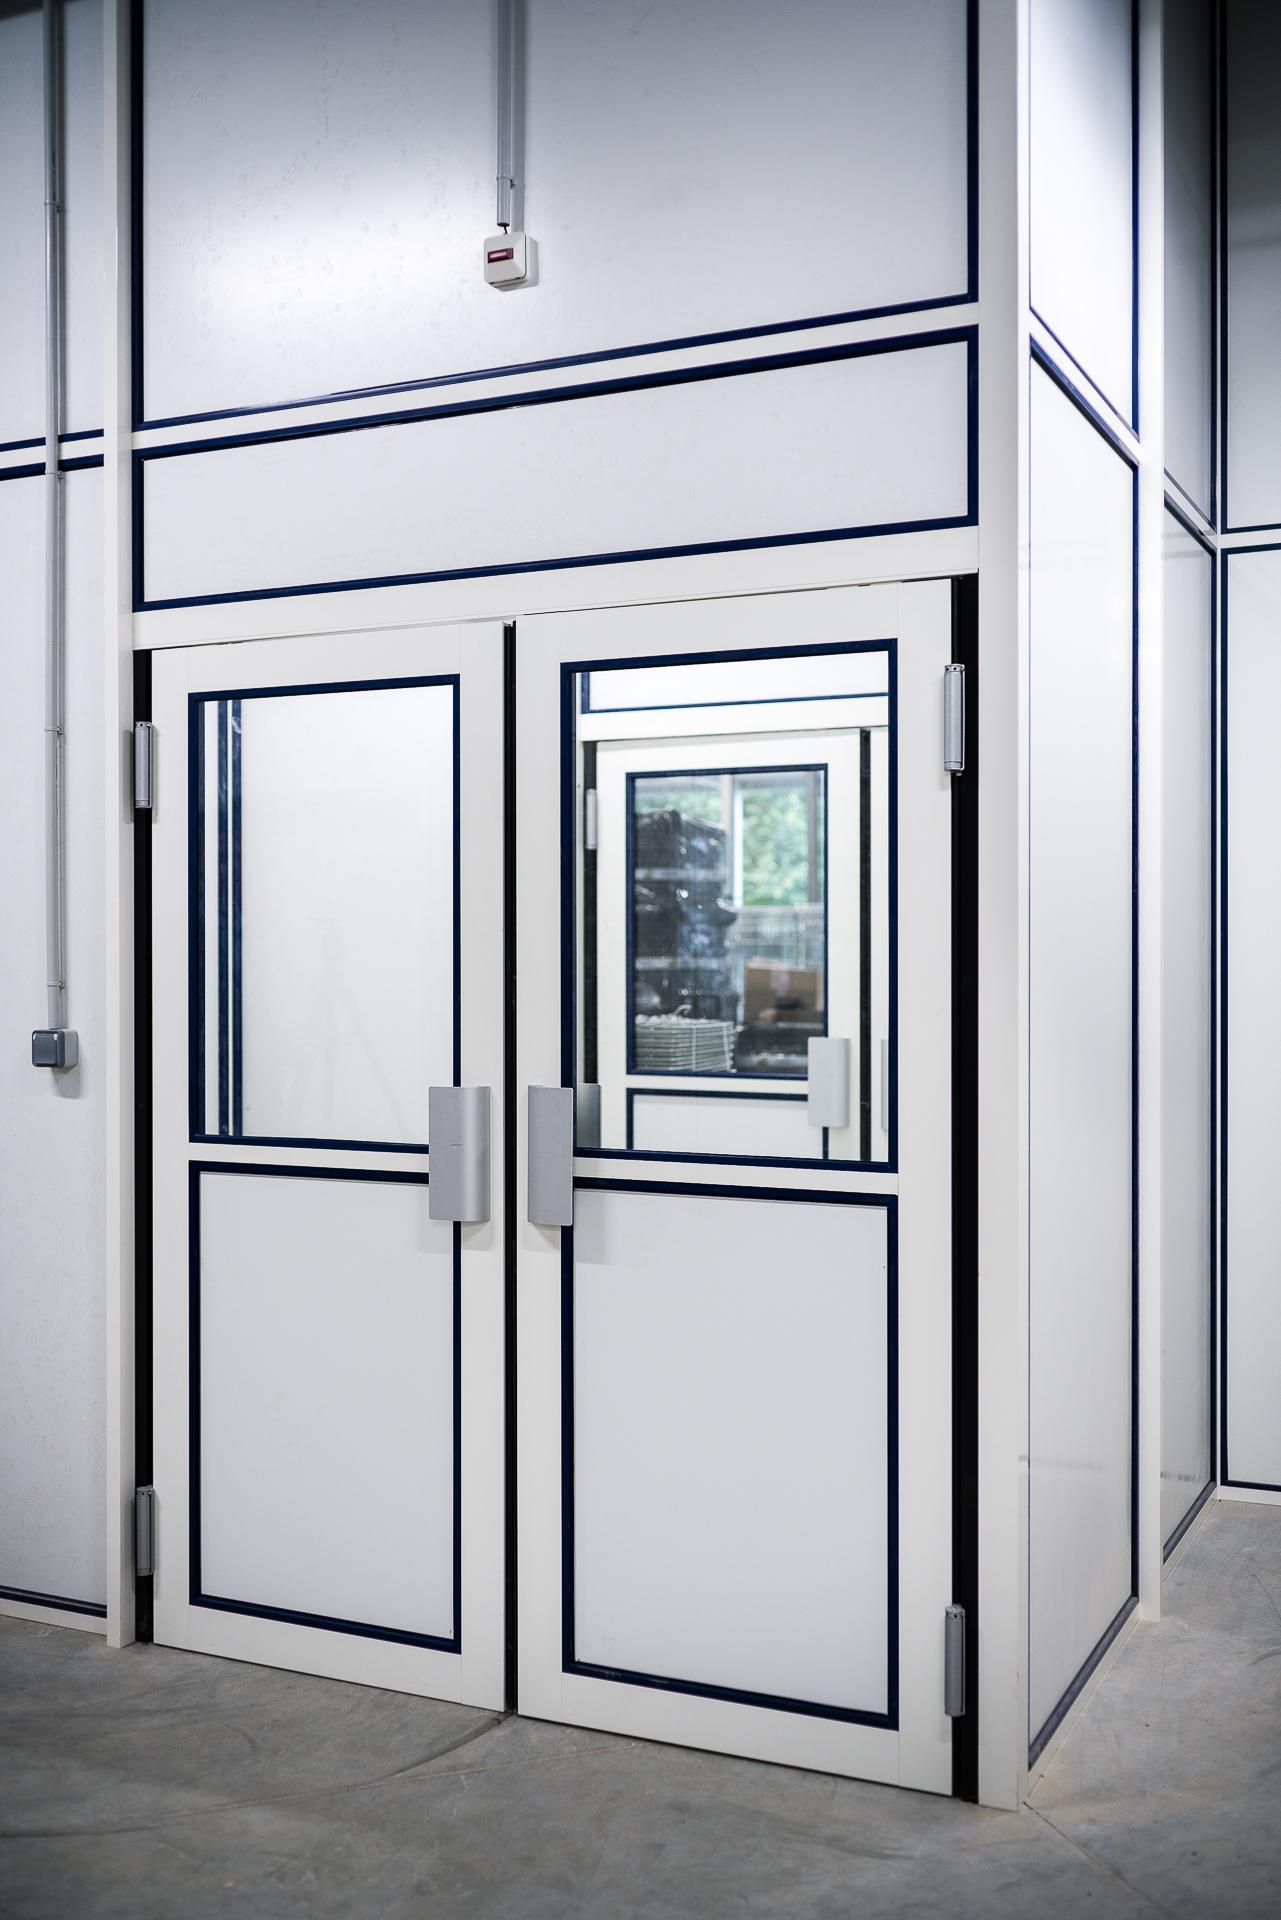 Portes pour cloisons amovibles en bois verre aluminium nancy metz clozal for Porte coulissante double vantaux